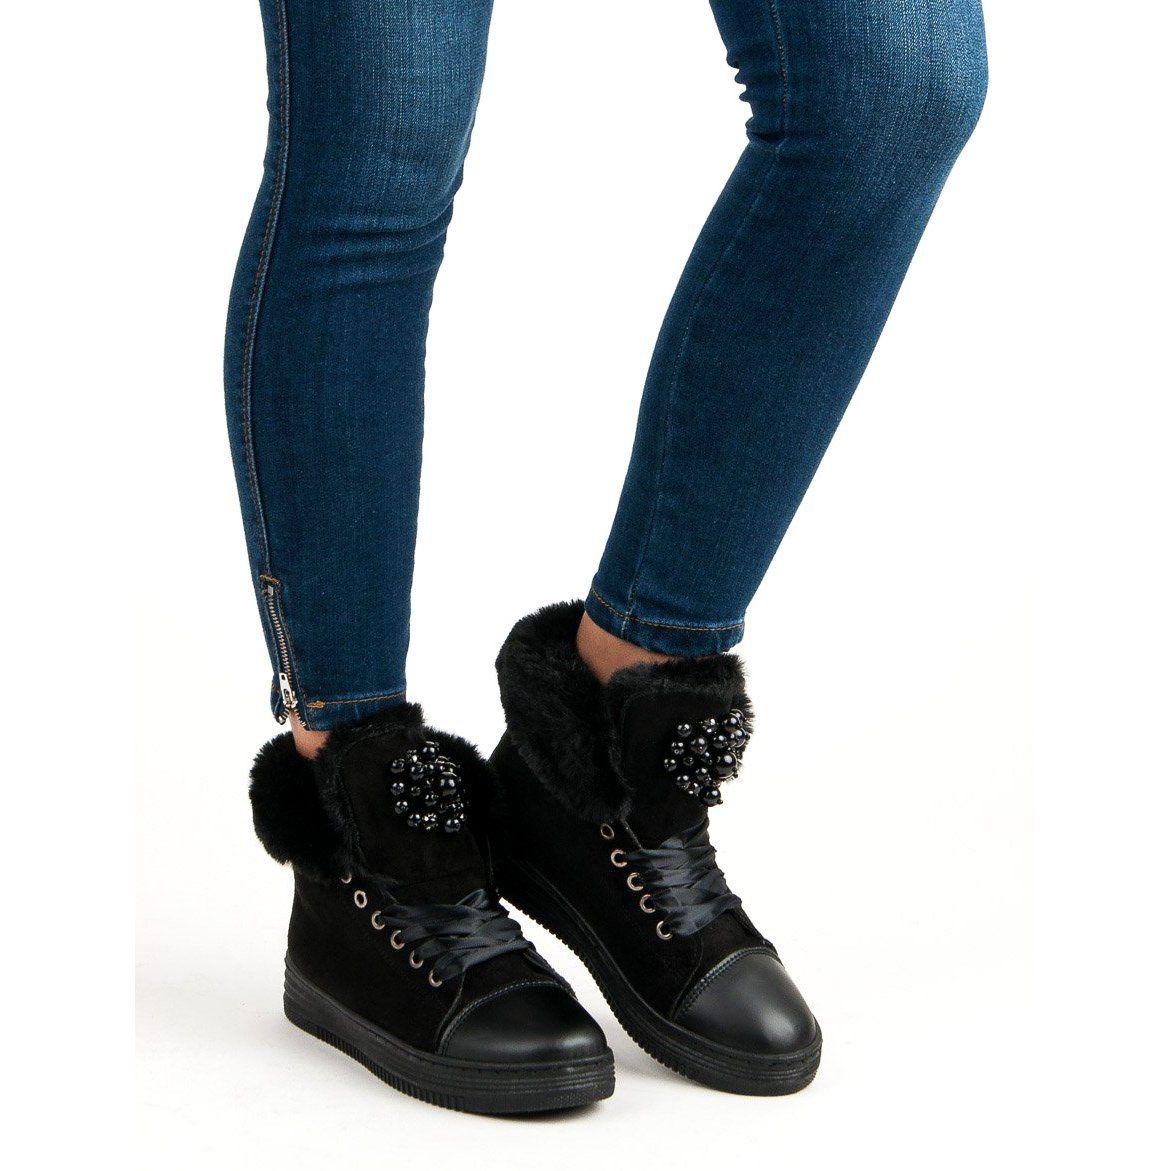 Trampki Damskie Butymodne Czarne Ocieplane Trampki Butymodne Boots Shoes Winter Boot